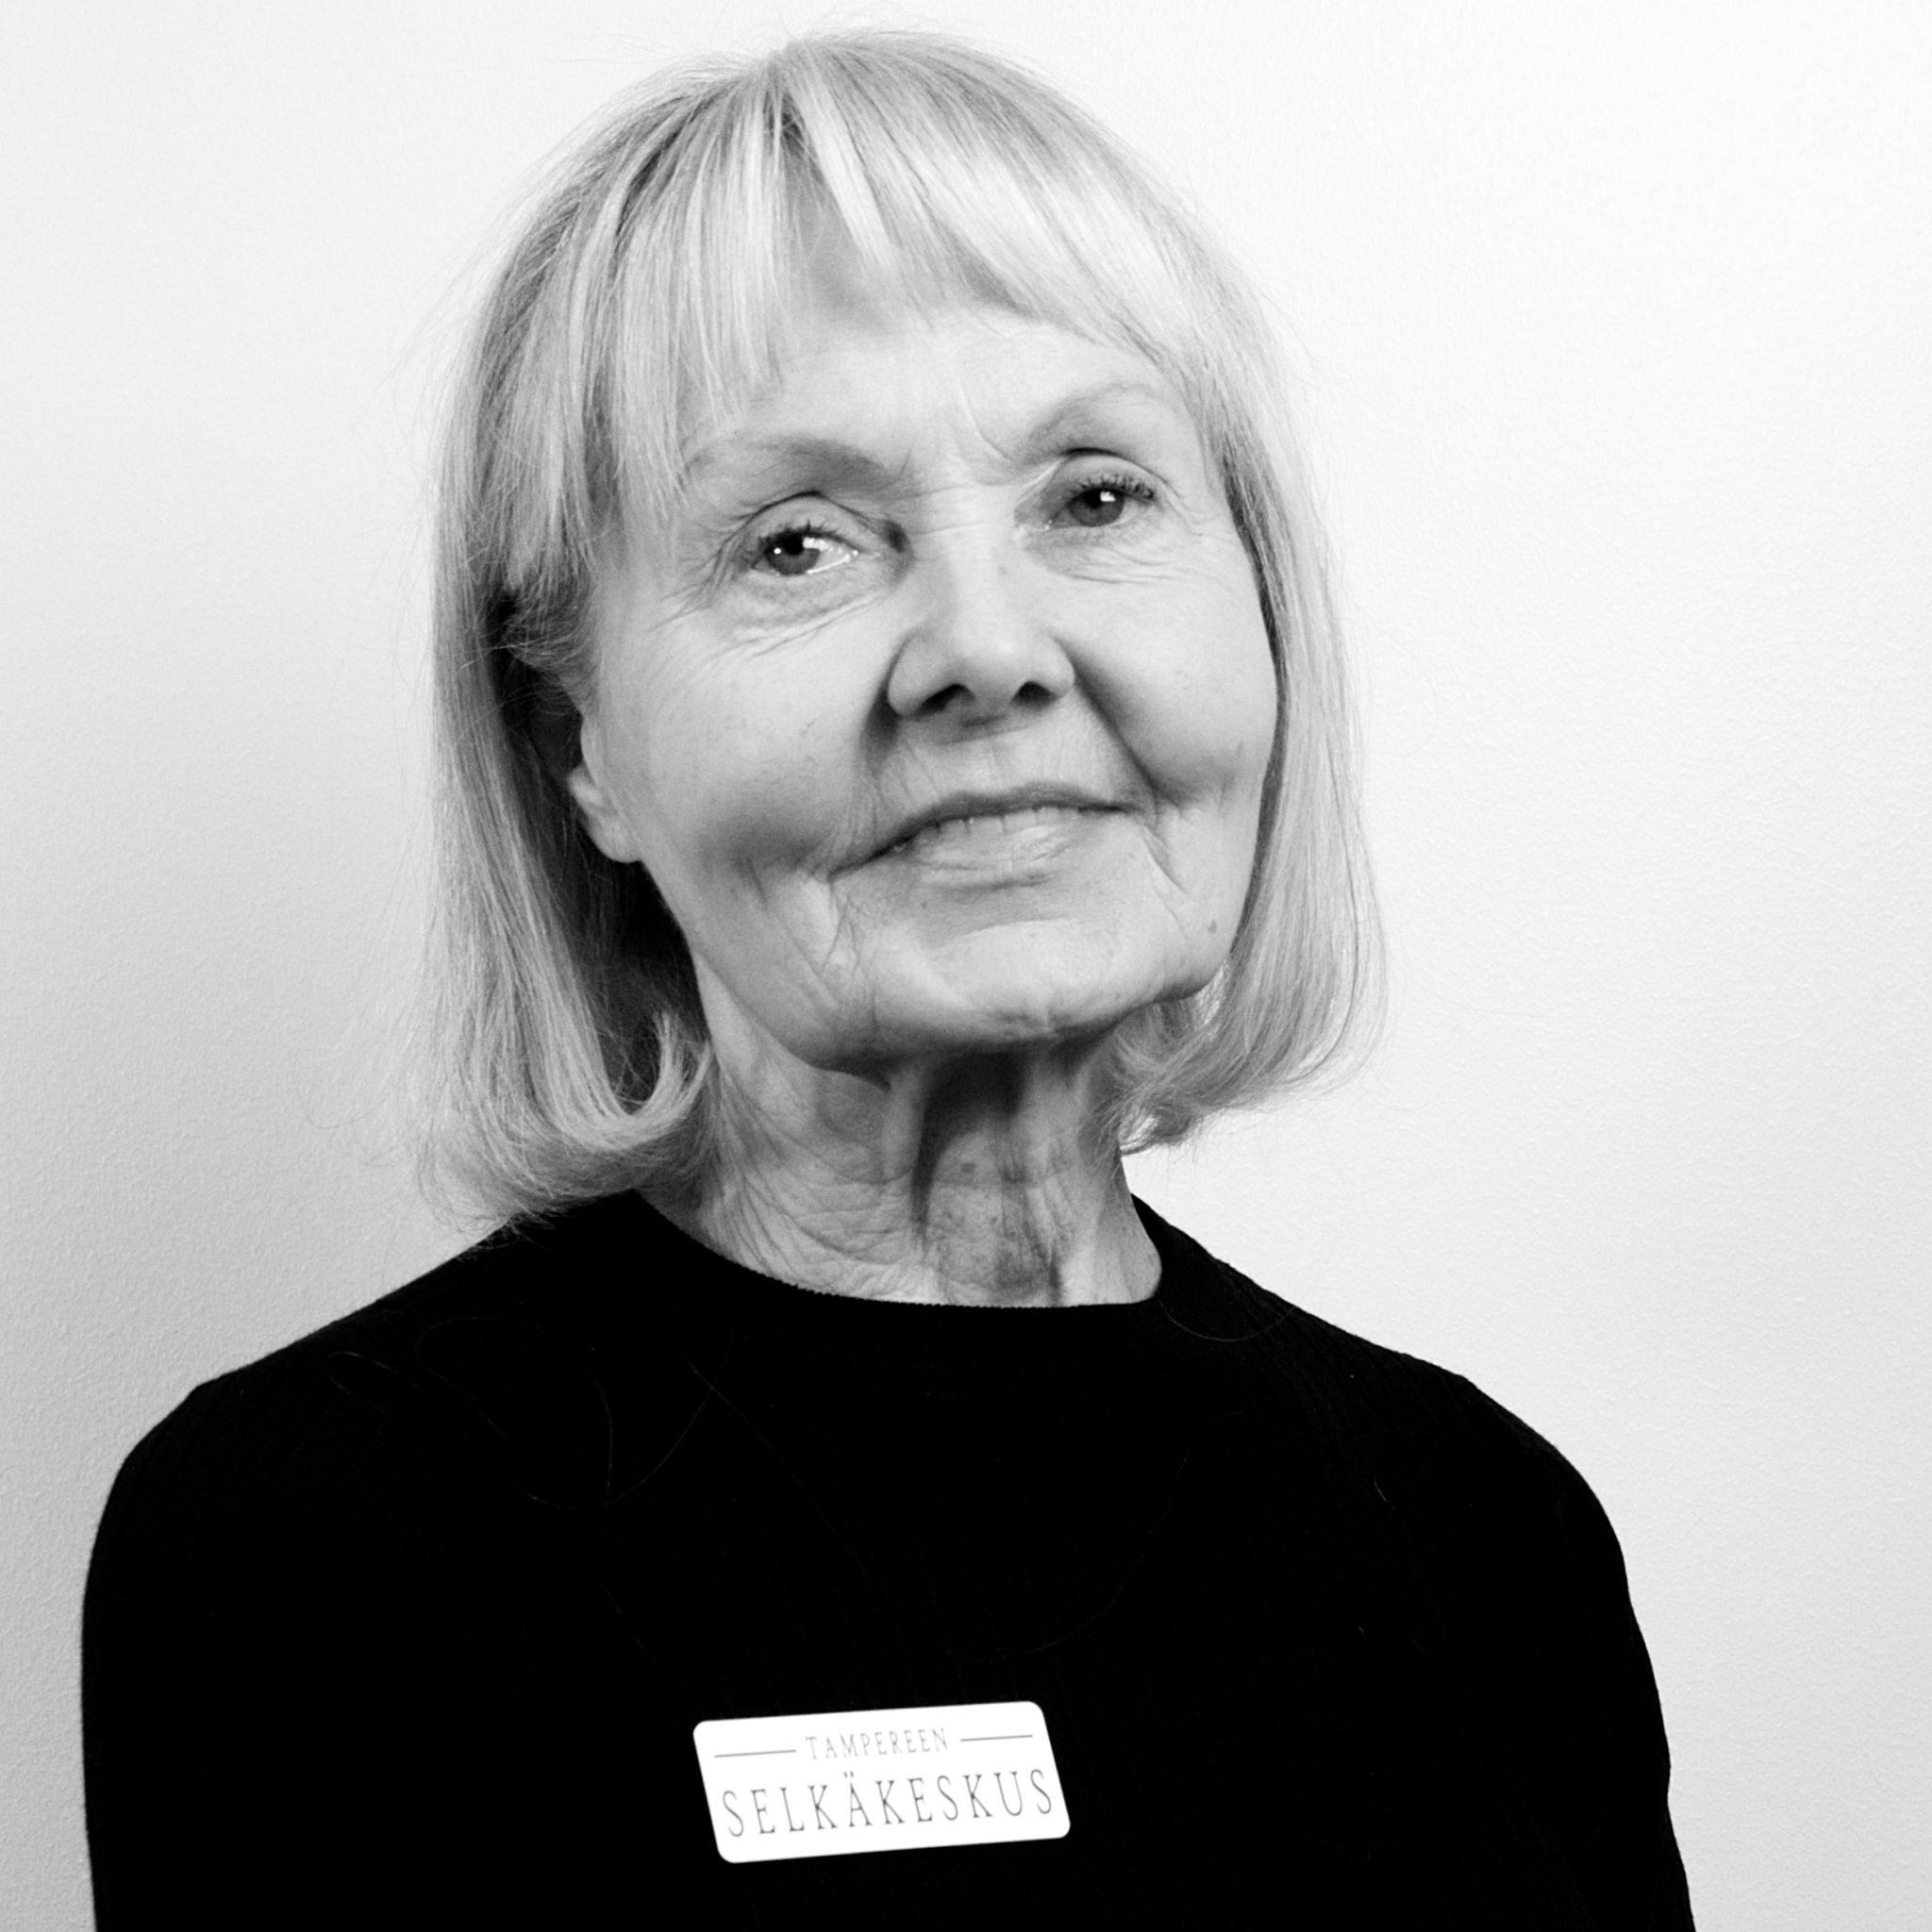 Anja Suento